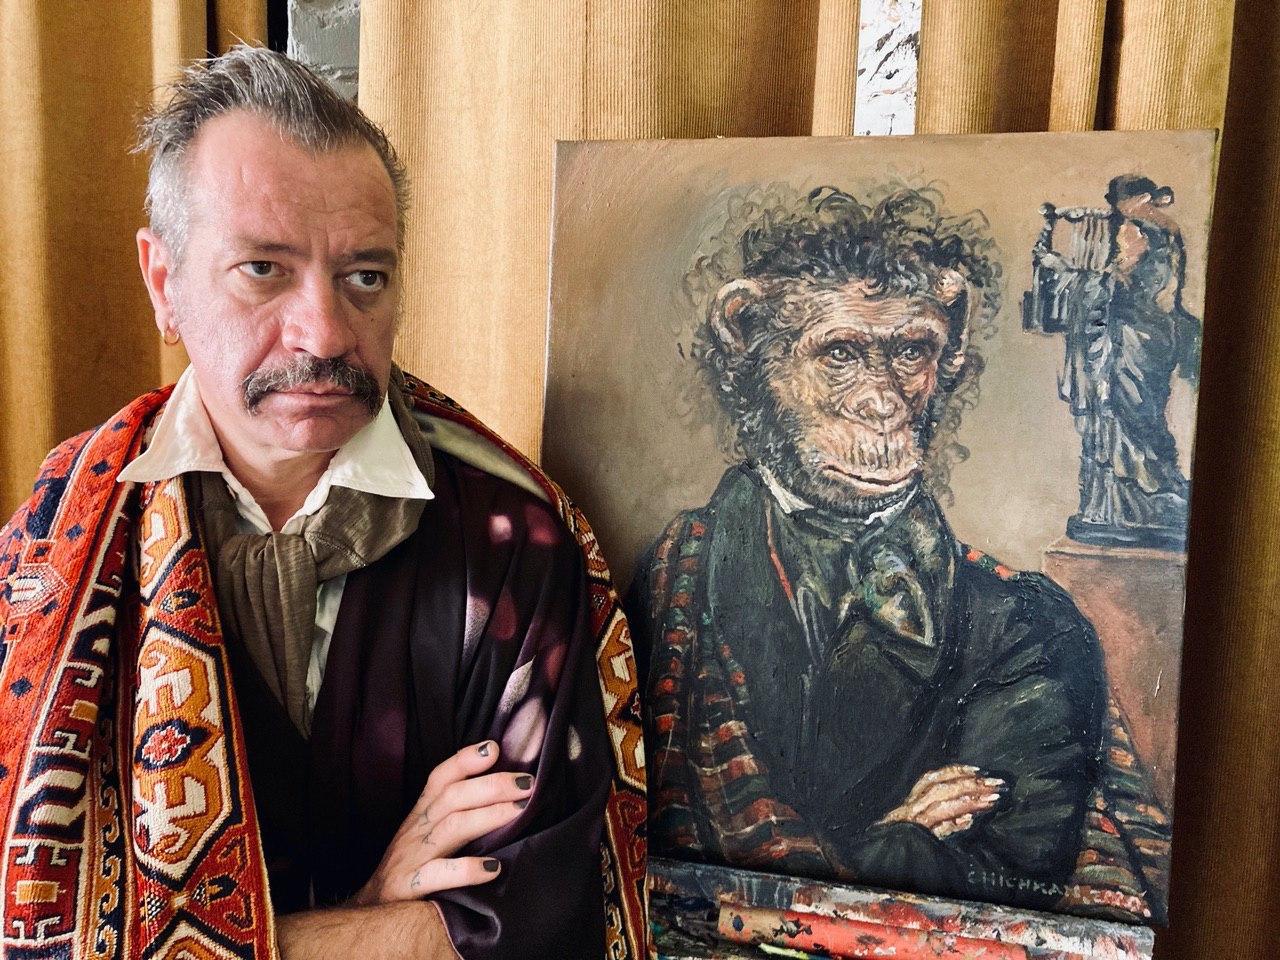 Ілля Чичкан на тлі «Портрету О. С. Пушкіна» Ореста Кіпренського з проекту «Музейні джунглі», 2020